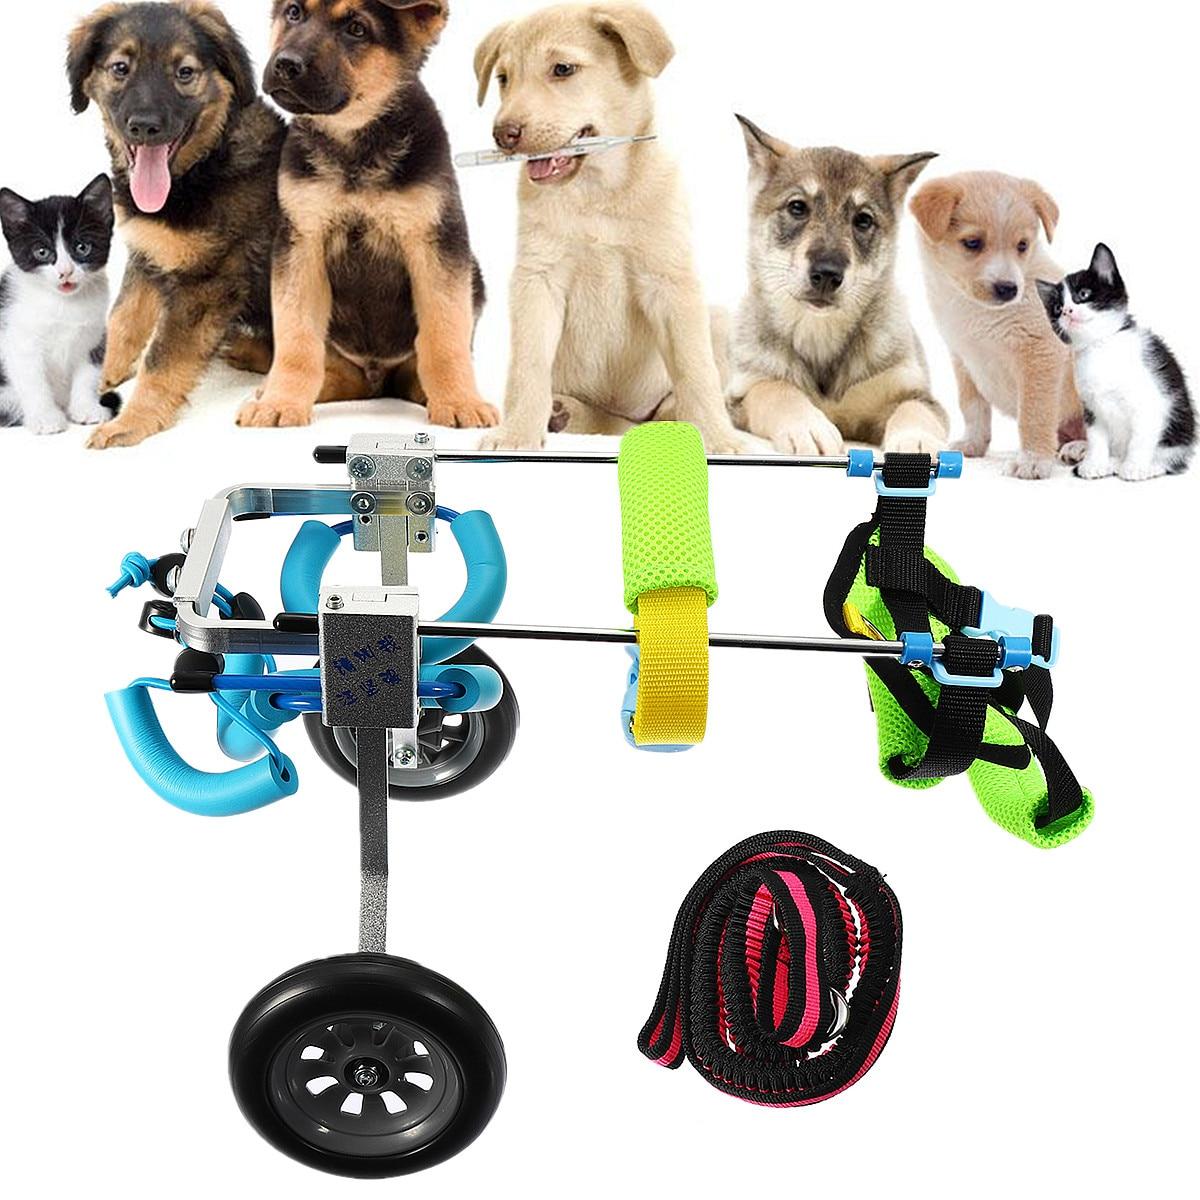 Kit de chariot de corde de Traction de marche de fauteuil roulant d'animal familier accessoires portatifs légers ajustés pour le chiot de chien de chat handicapé